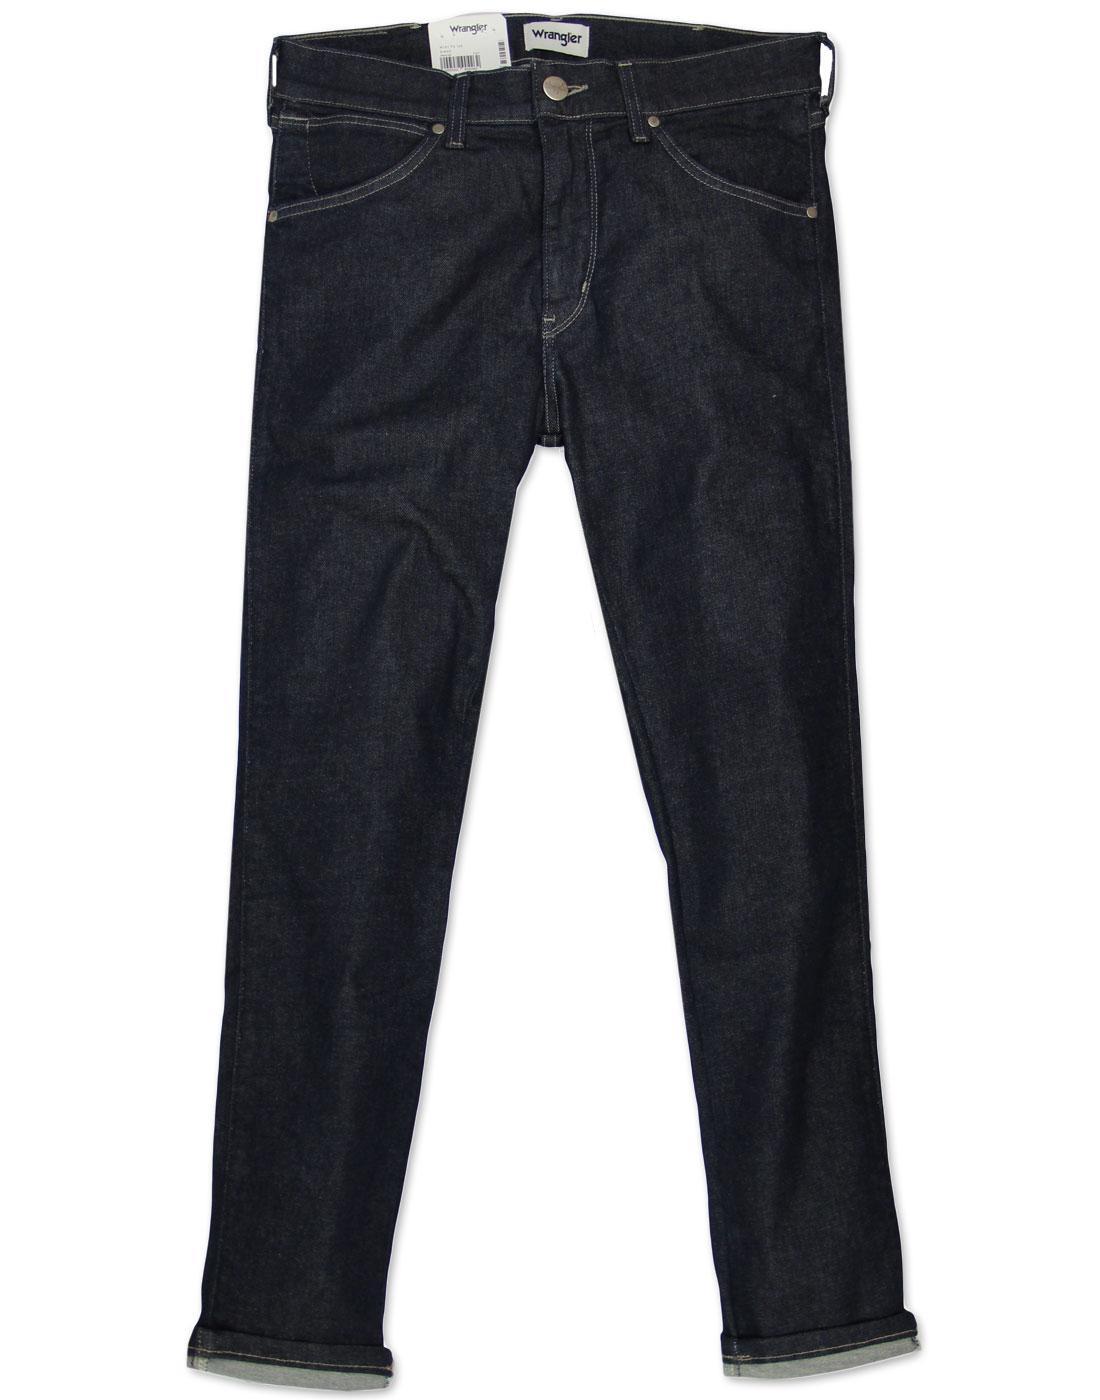 Strangler WRANGLER Retro Super Skinny Jeans RINSE